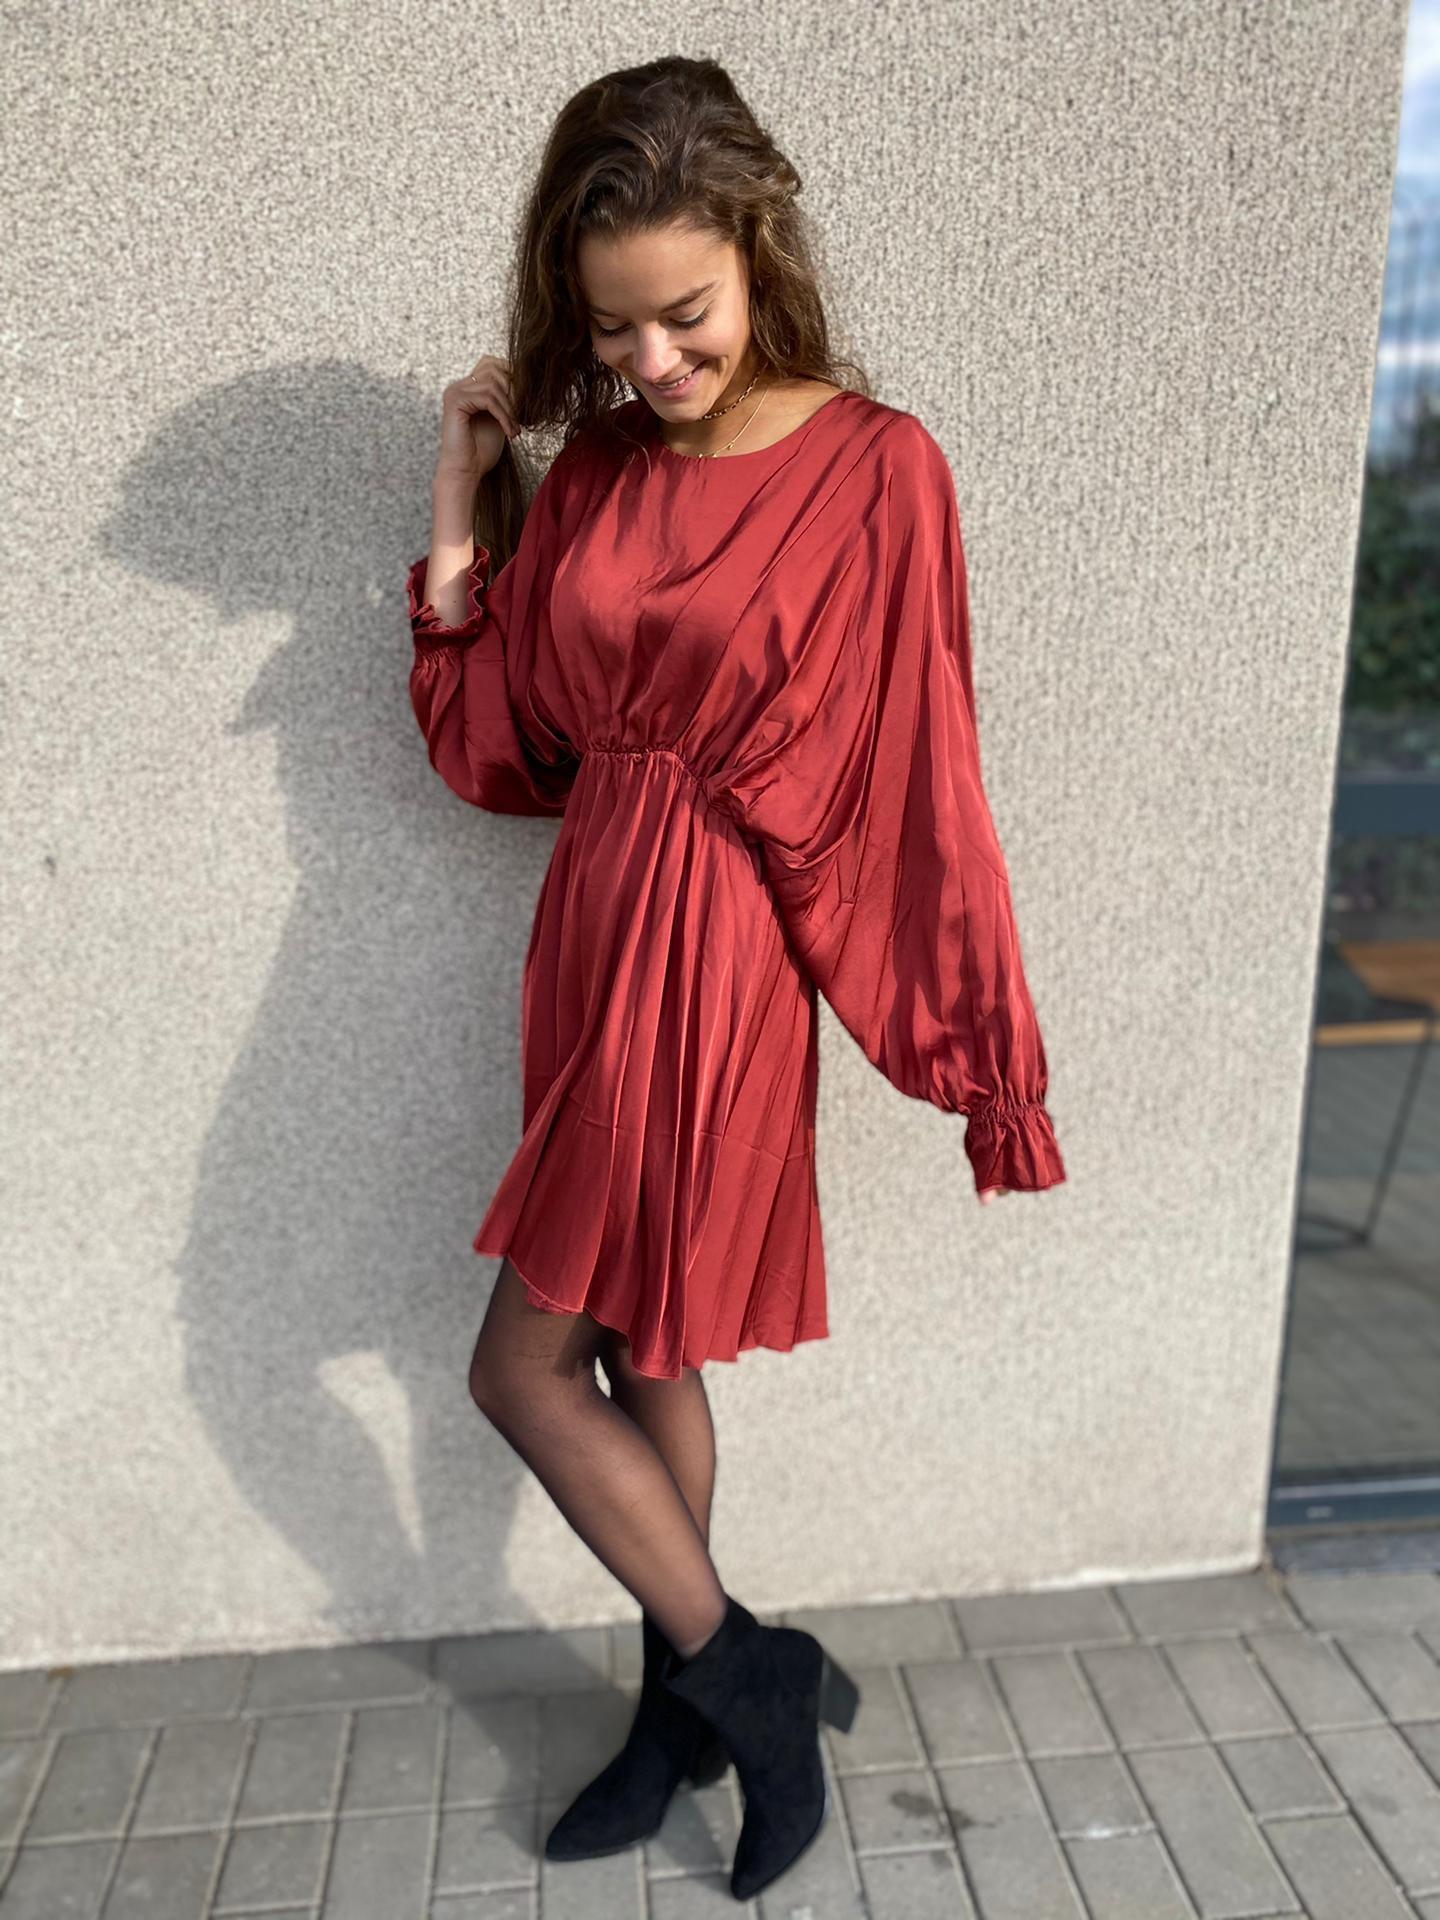 PEPITES robe ingrid-11